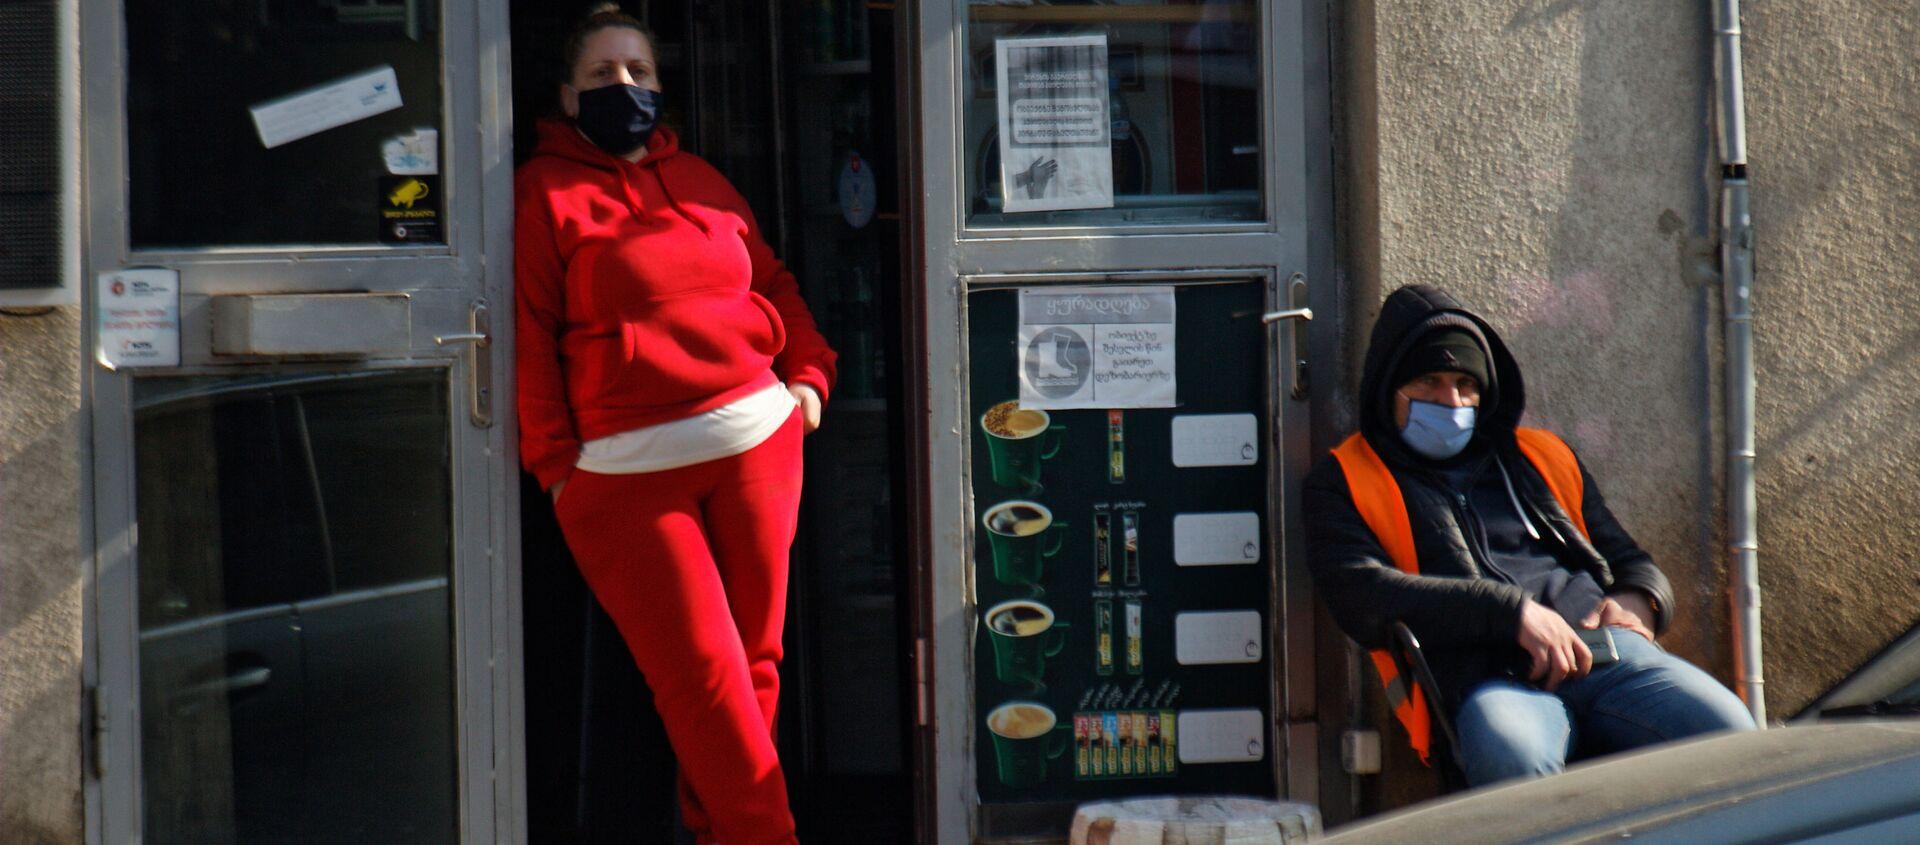 Эпидемия коронавируса - люди на улице в масках - Sputnik Грузия, 1920, 22.02.2021